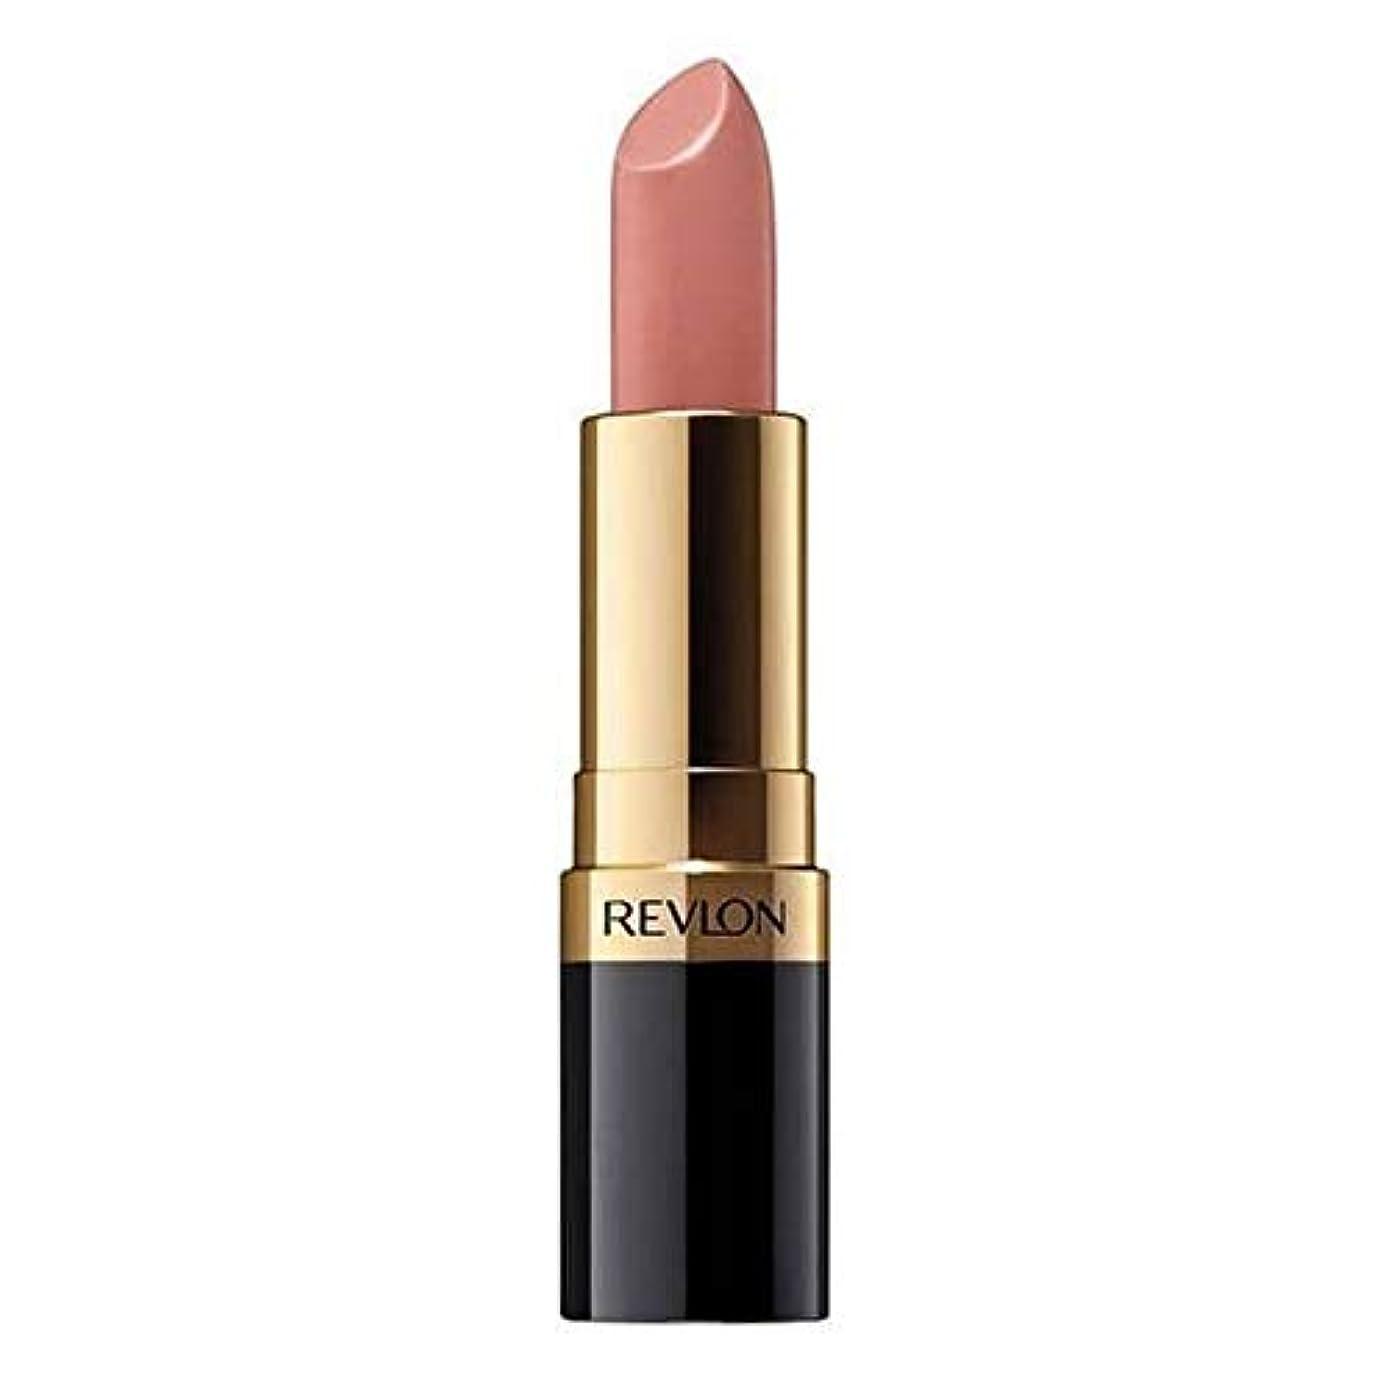 活性化ペチュランス同等の[Revlon ] レブロンSuperlustrous口紅裸事件 - Revlon SuperLustrous Lipstick Bare Affair [並行輸入品]